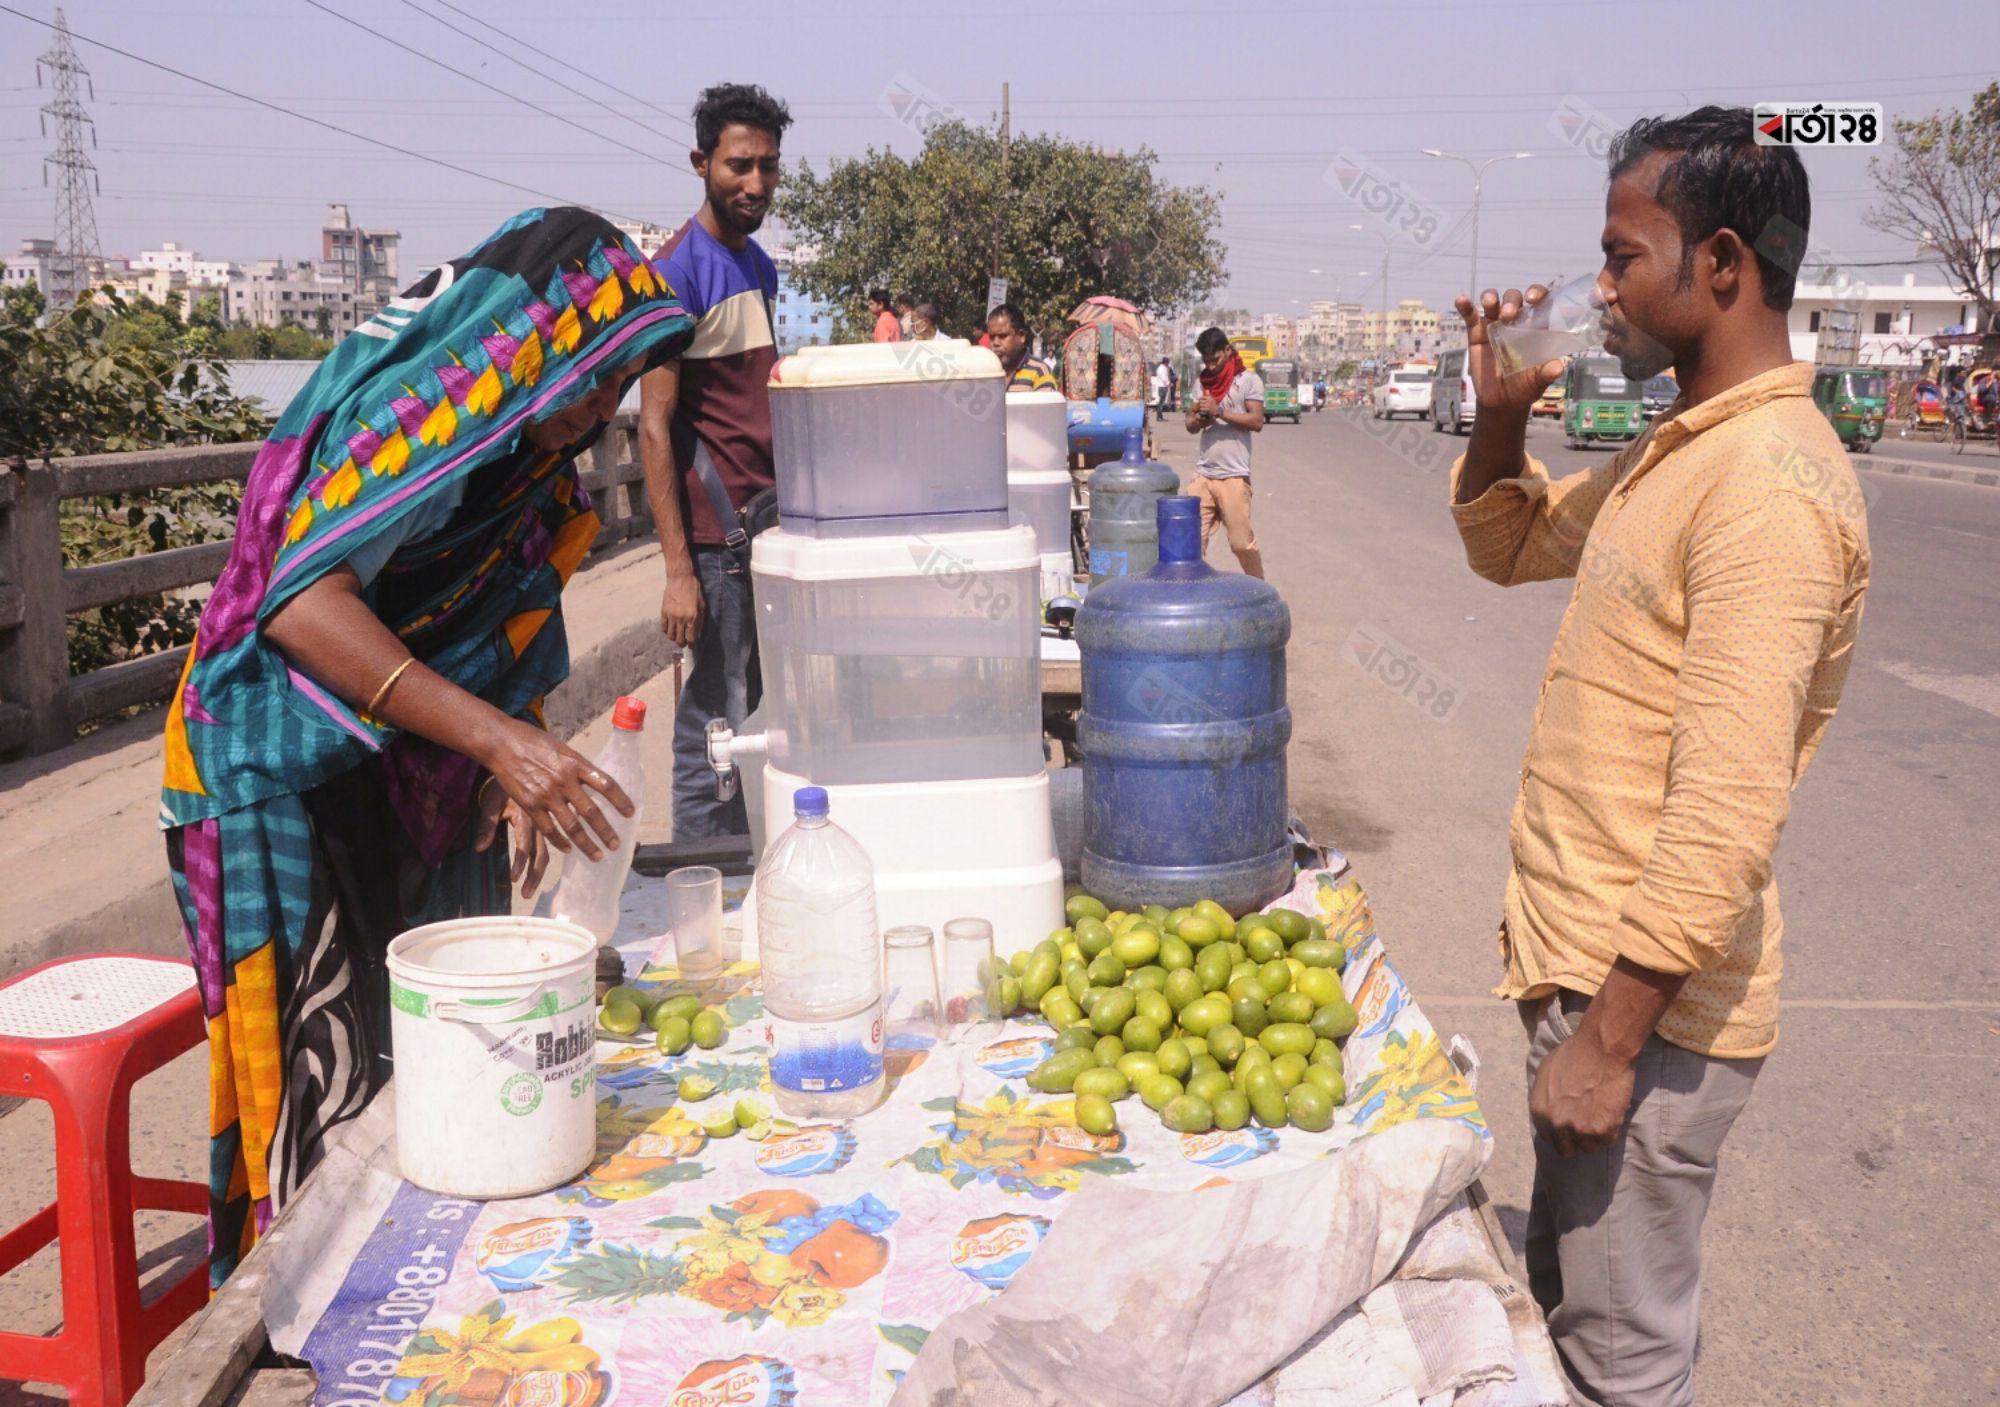 সরবত বিক্রি করে সংসার চালান আলেয়া বেগম। ছবিটি বাবুবাজার ব্রীজ থেকে তুলেছেন মেহেদী হাসান।